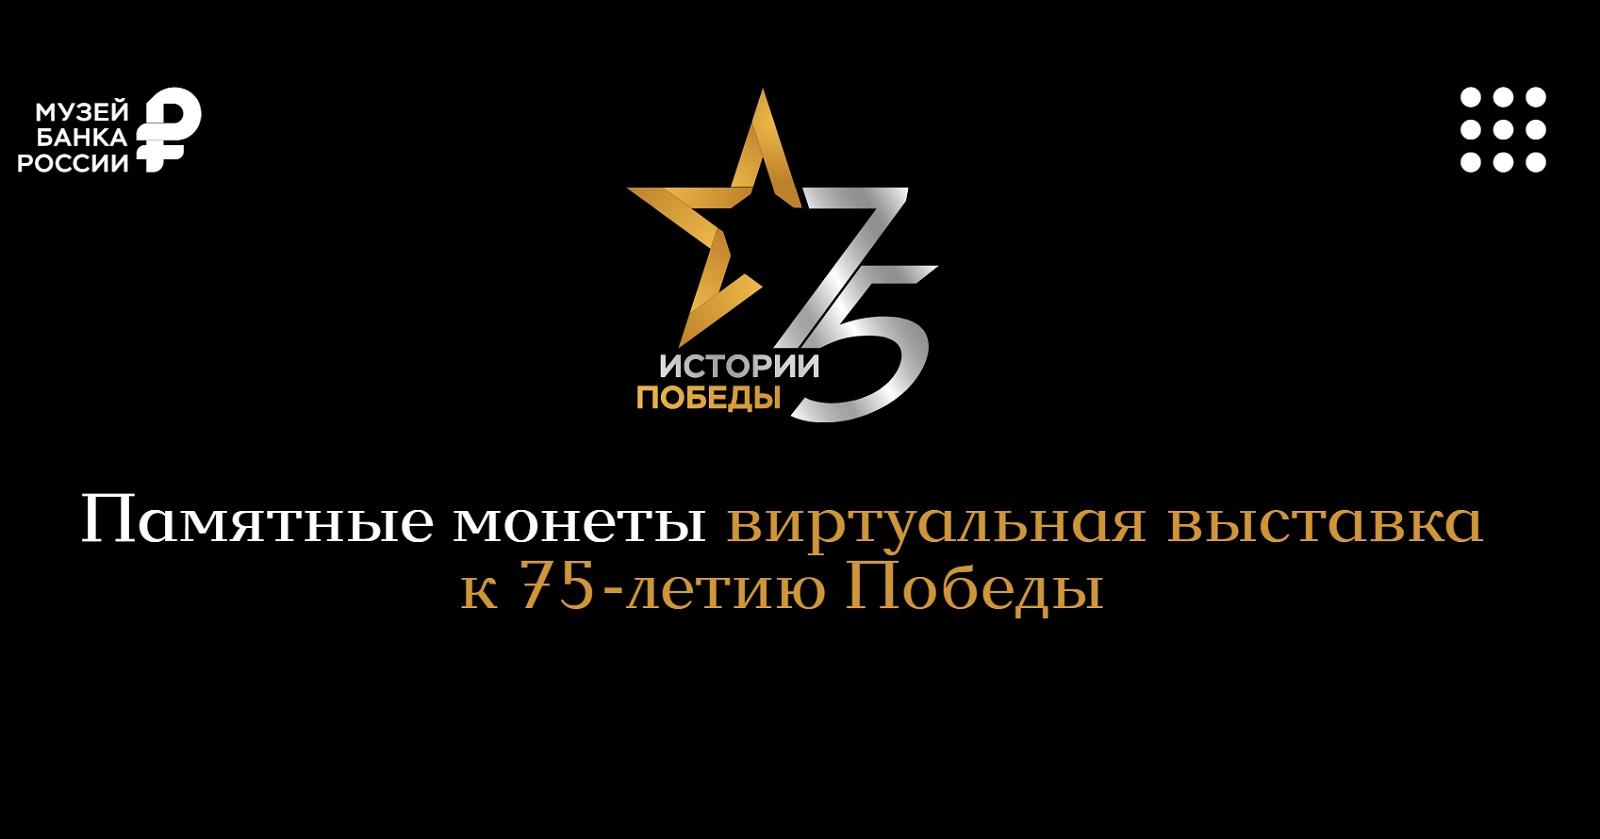 Все желающие смогут увидеть виртуальную выставку памятных монет к 75-летию Великой Победы